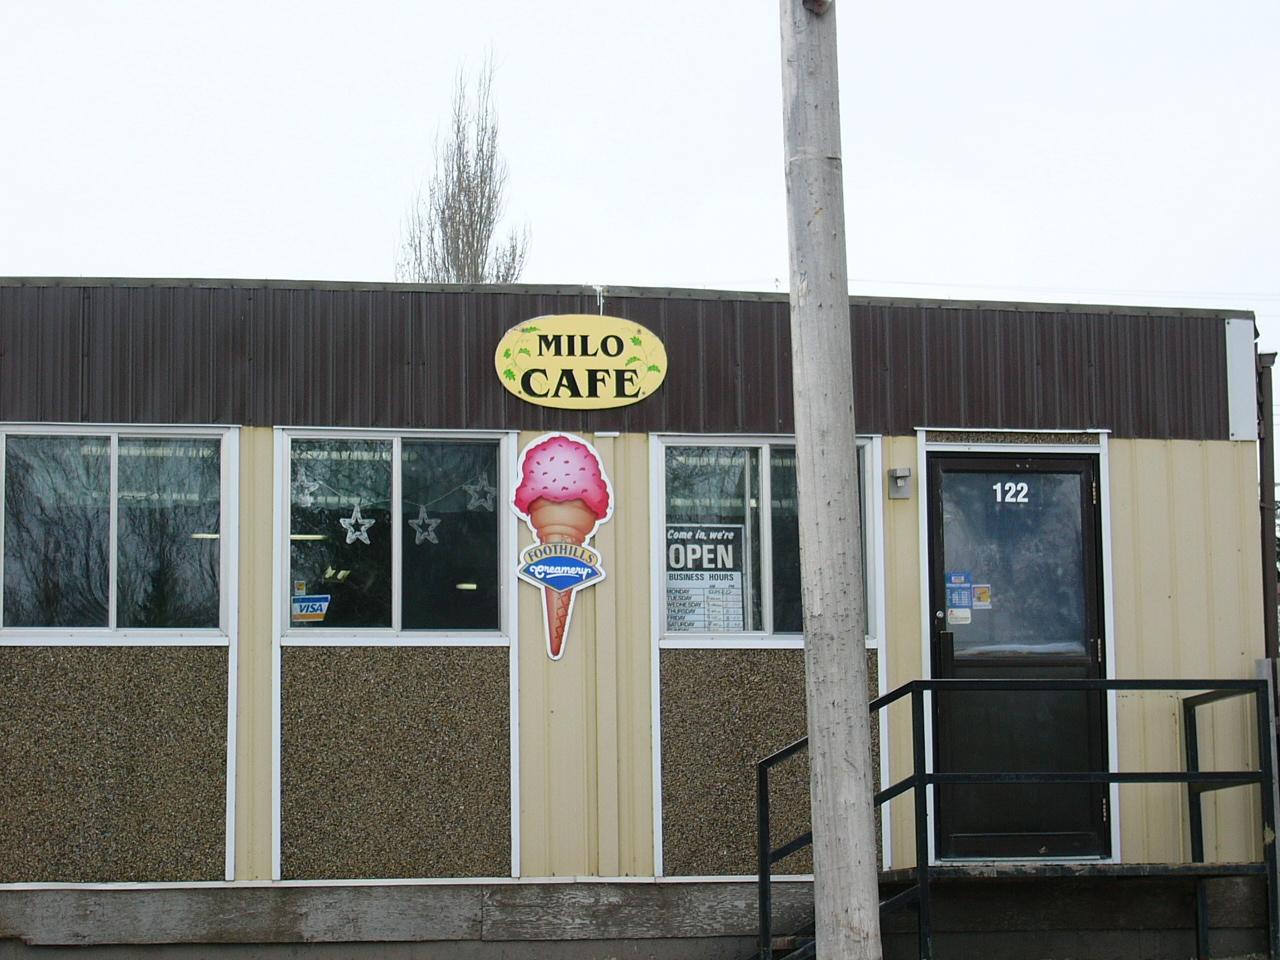 The Milo Cafe, Milo, AB